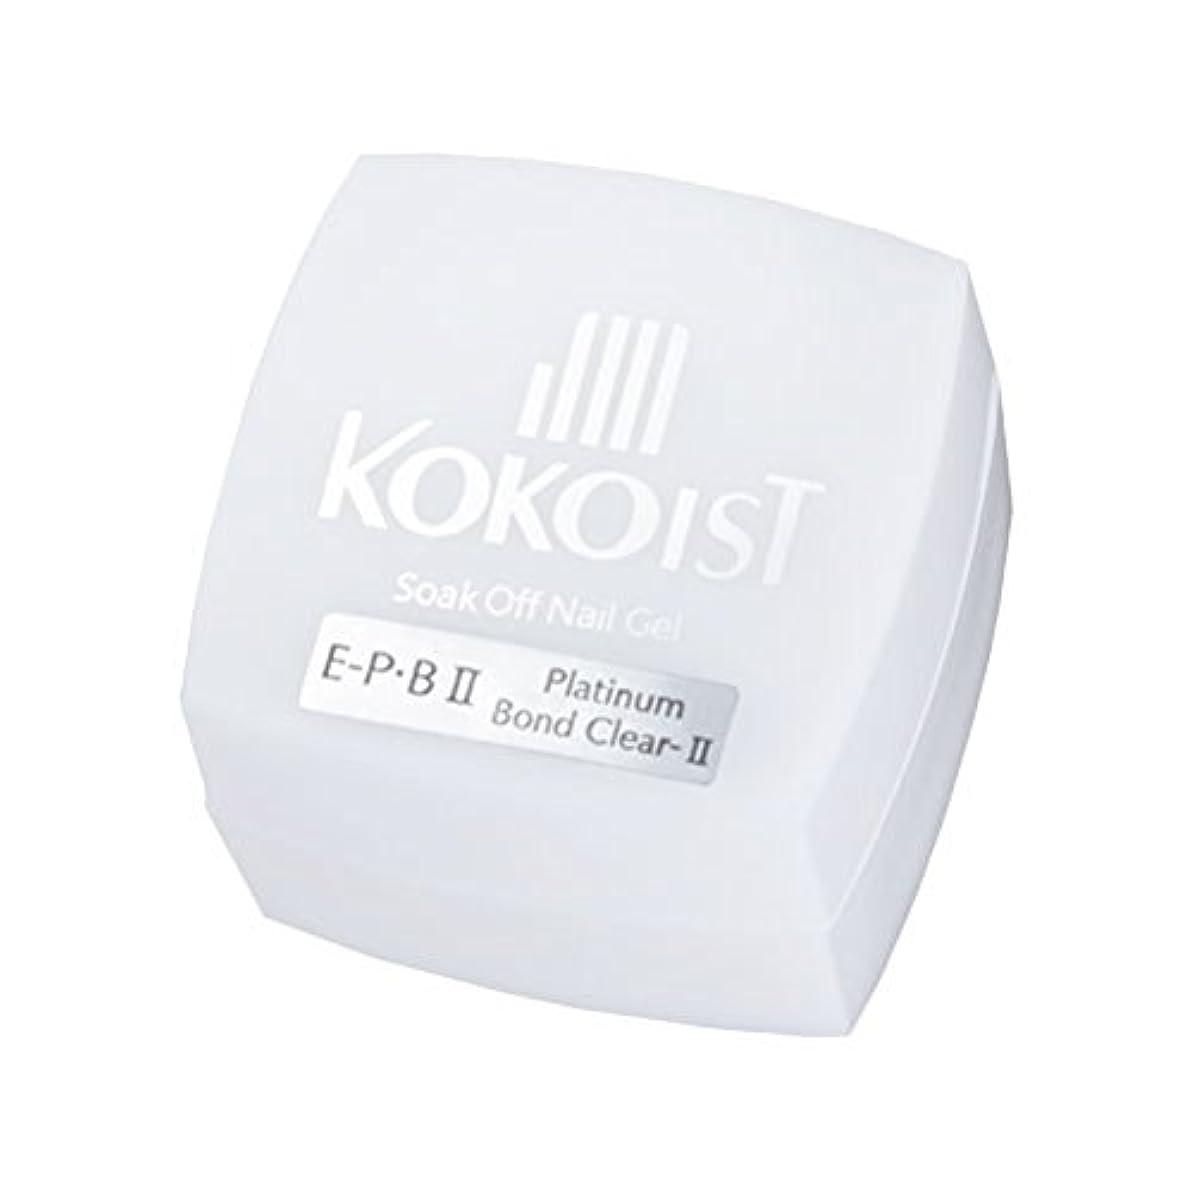 おそらく資産パワーKOKOIST フ゜ラチナホ゛ント゛II 4g ジェル UV/LED対応